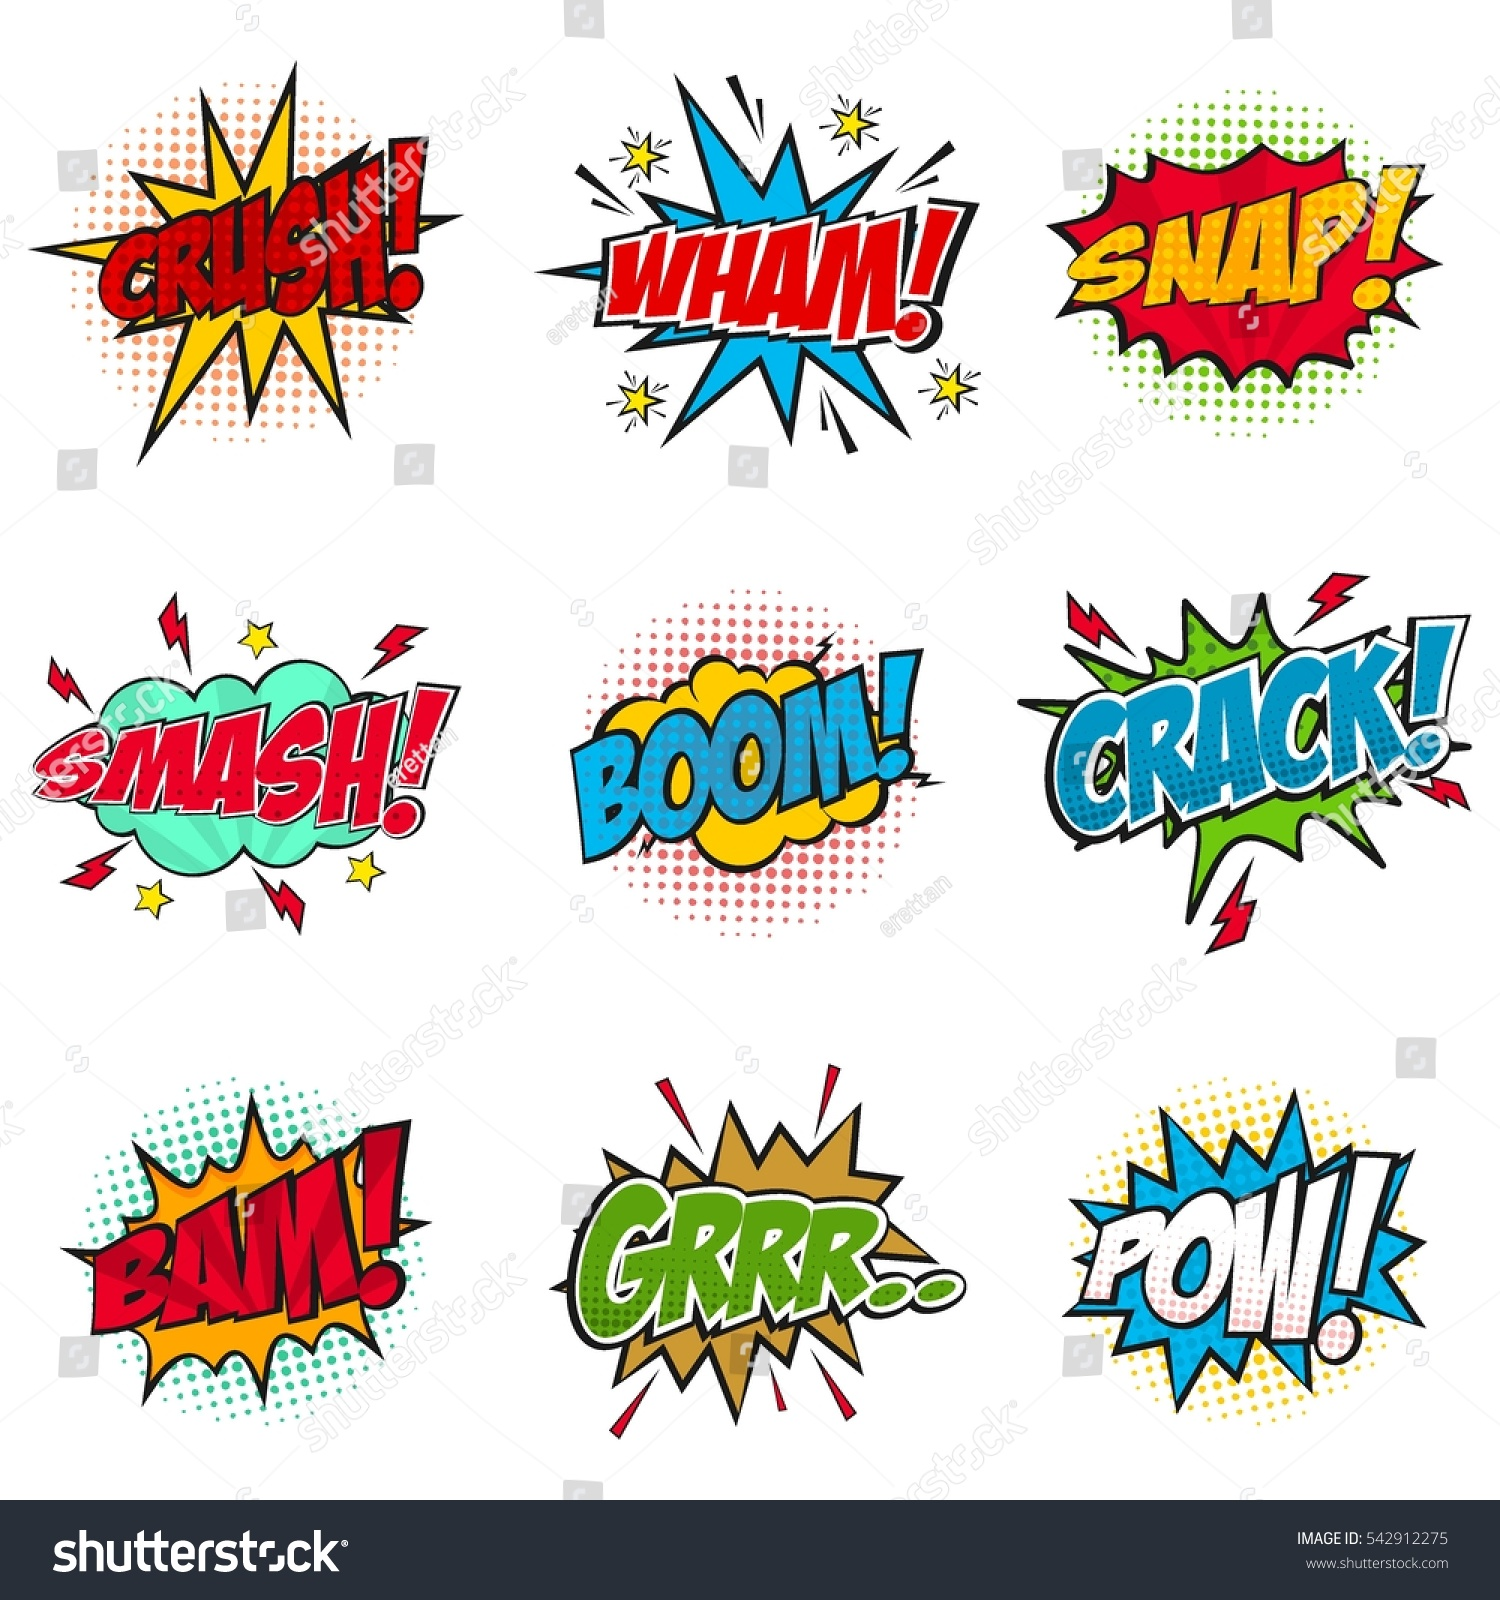 Set Of Comic Text Pop Art StyleCartoon Sound Effect